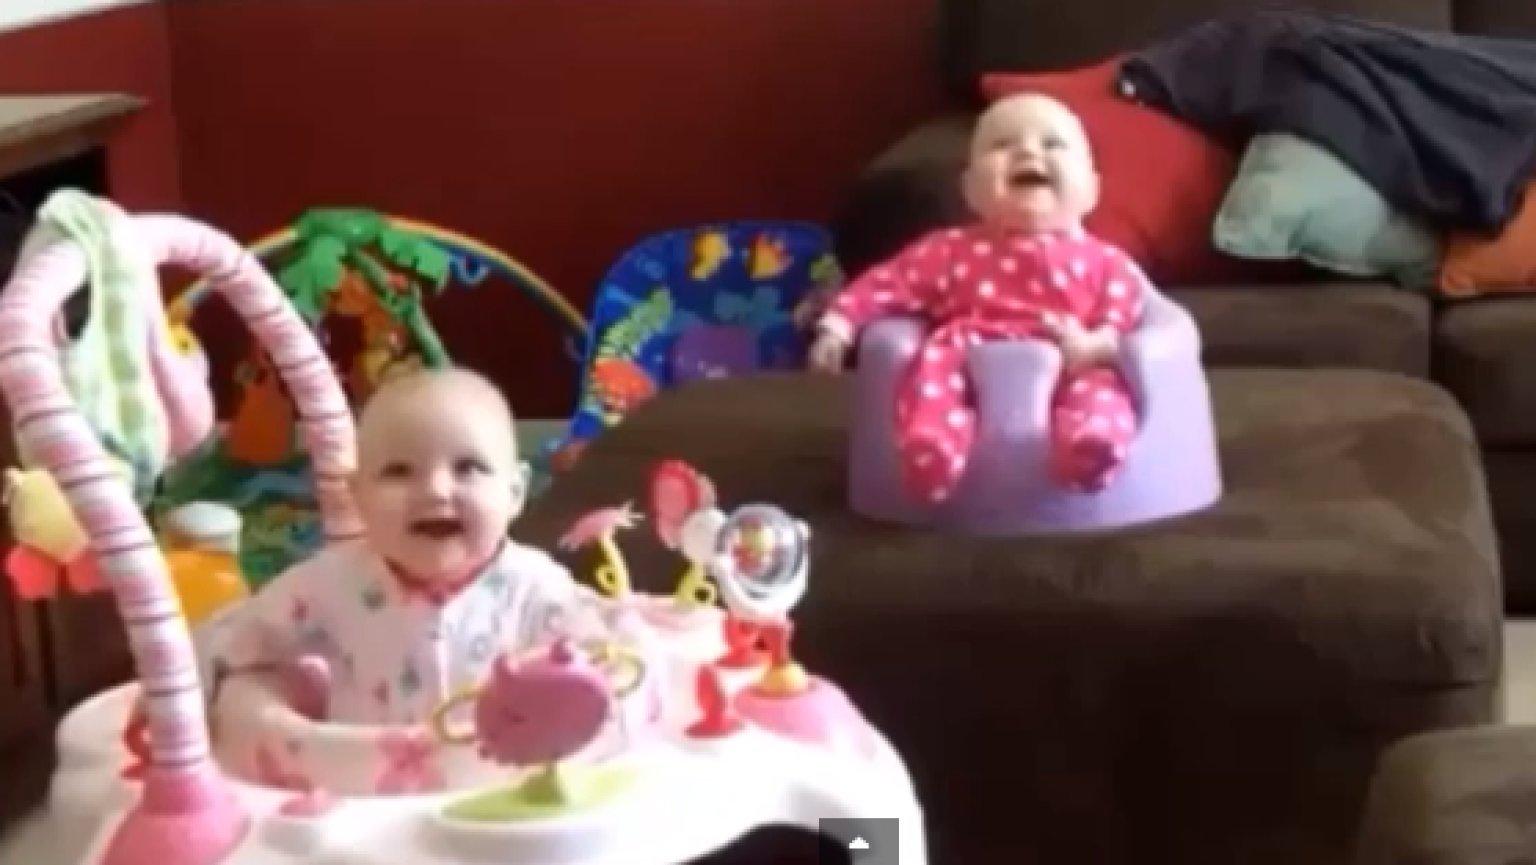 O LAUGHING BABIES Facebook